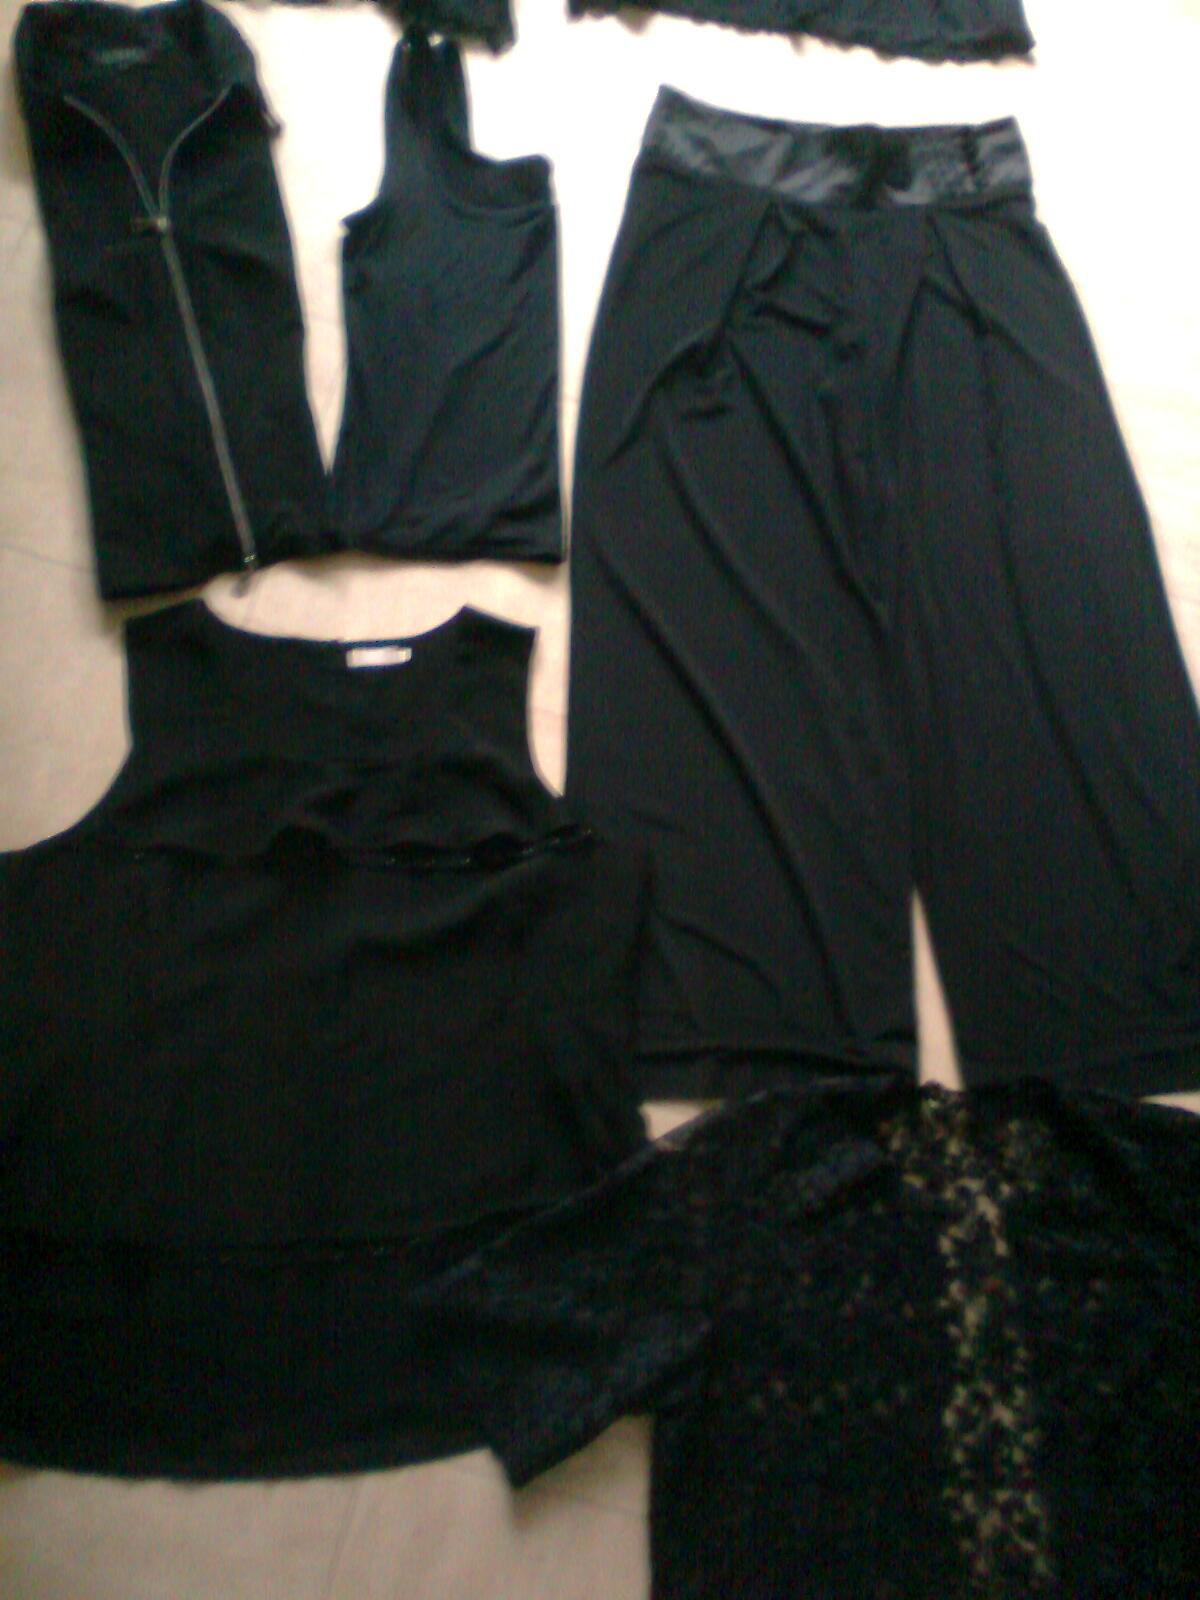 lot de vêtements noirs taille 1 à 44 - zoe 3 Martigues (13)